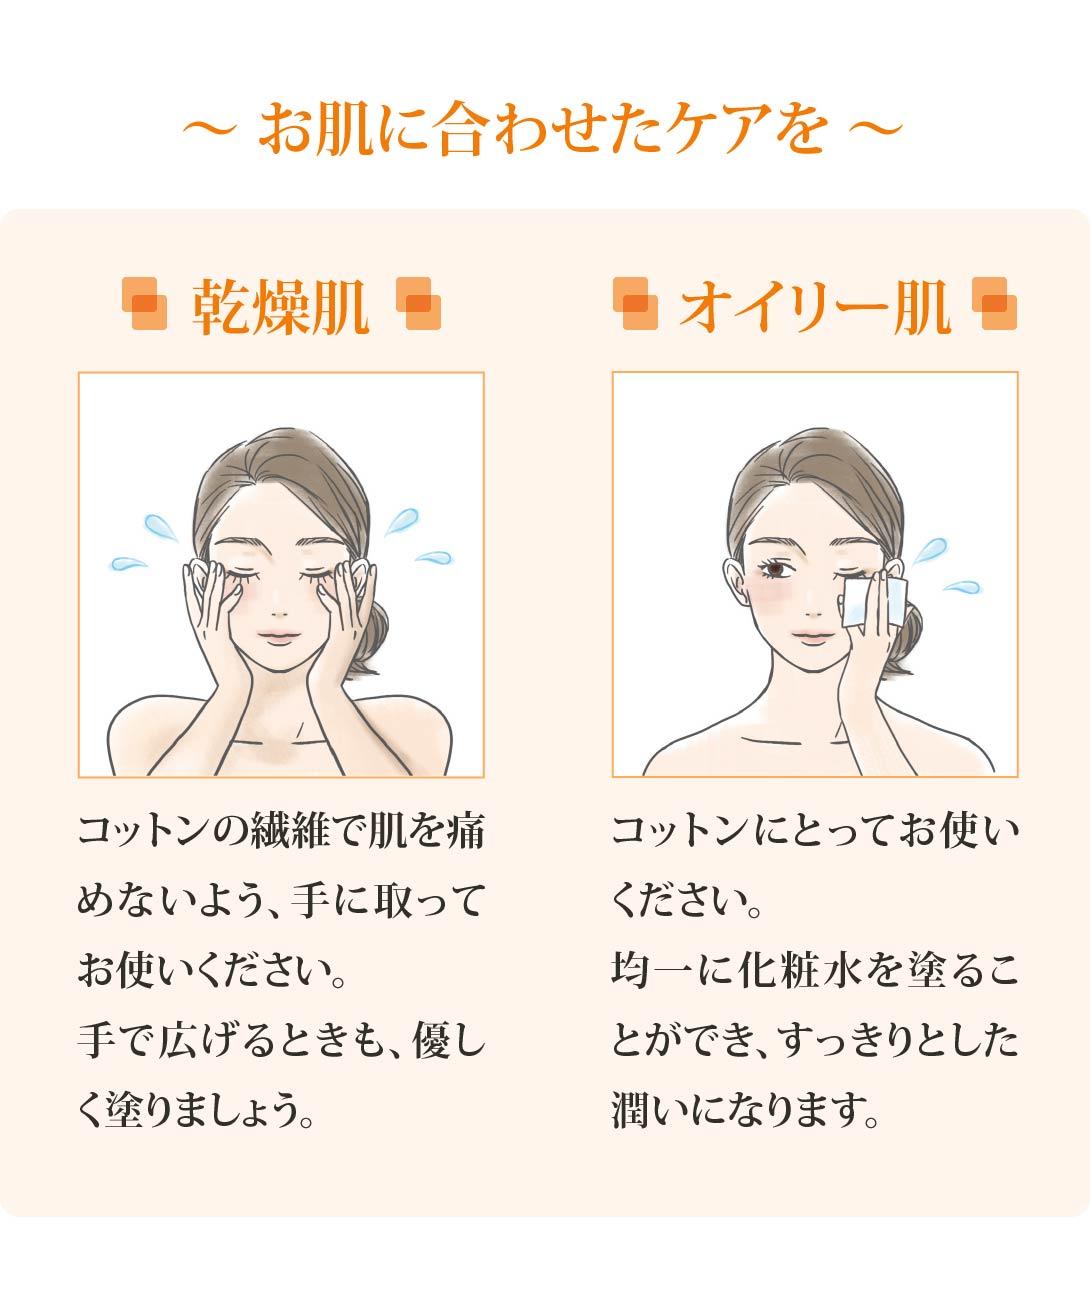 化粧水の使用方法